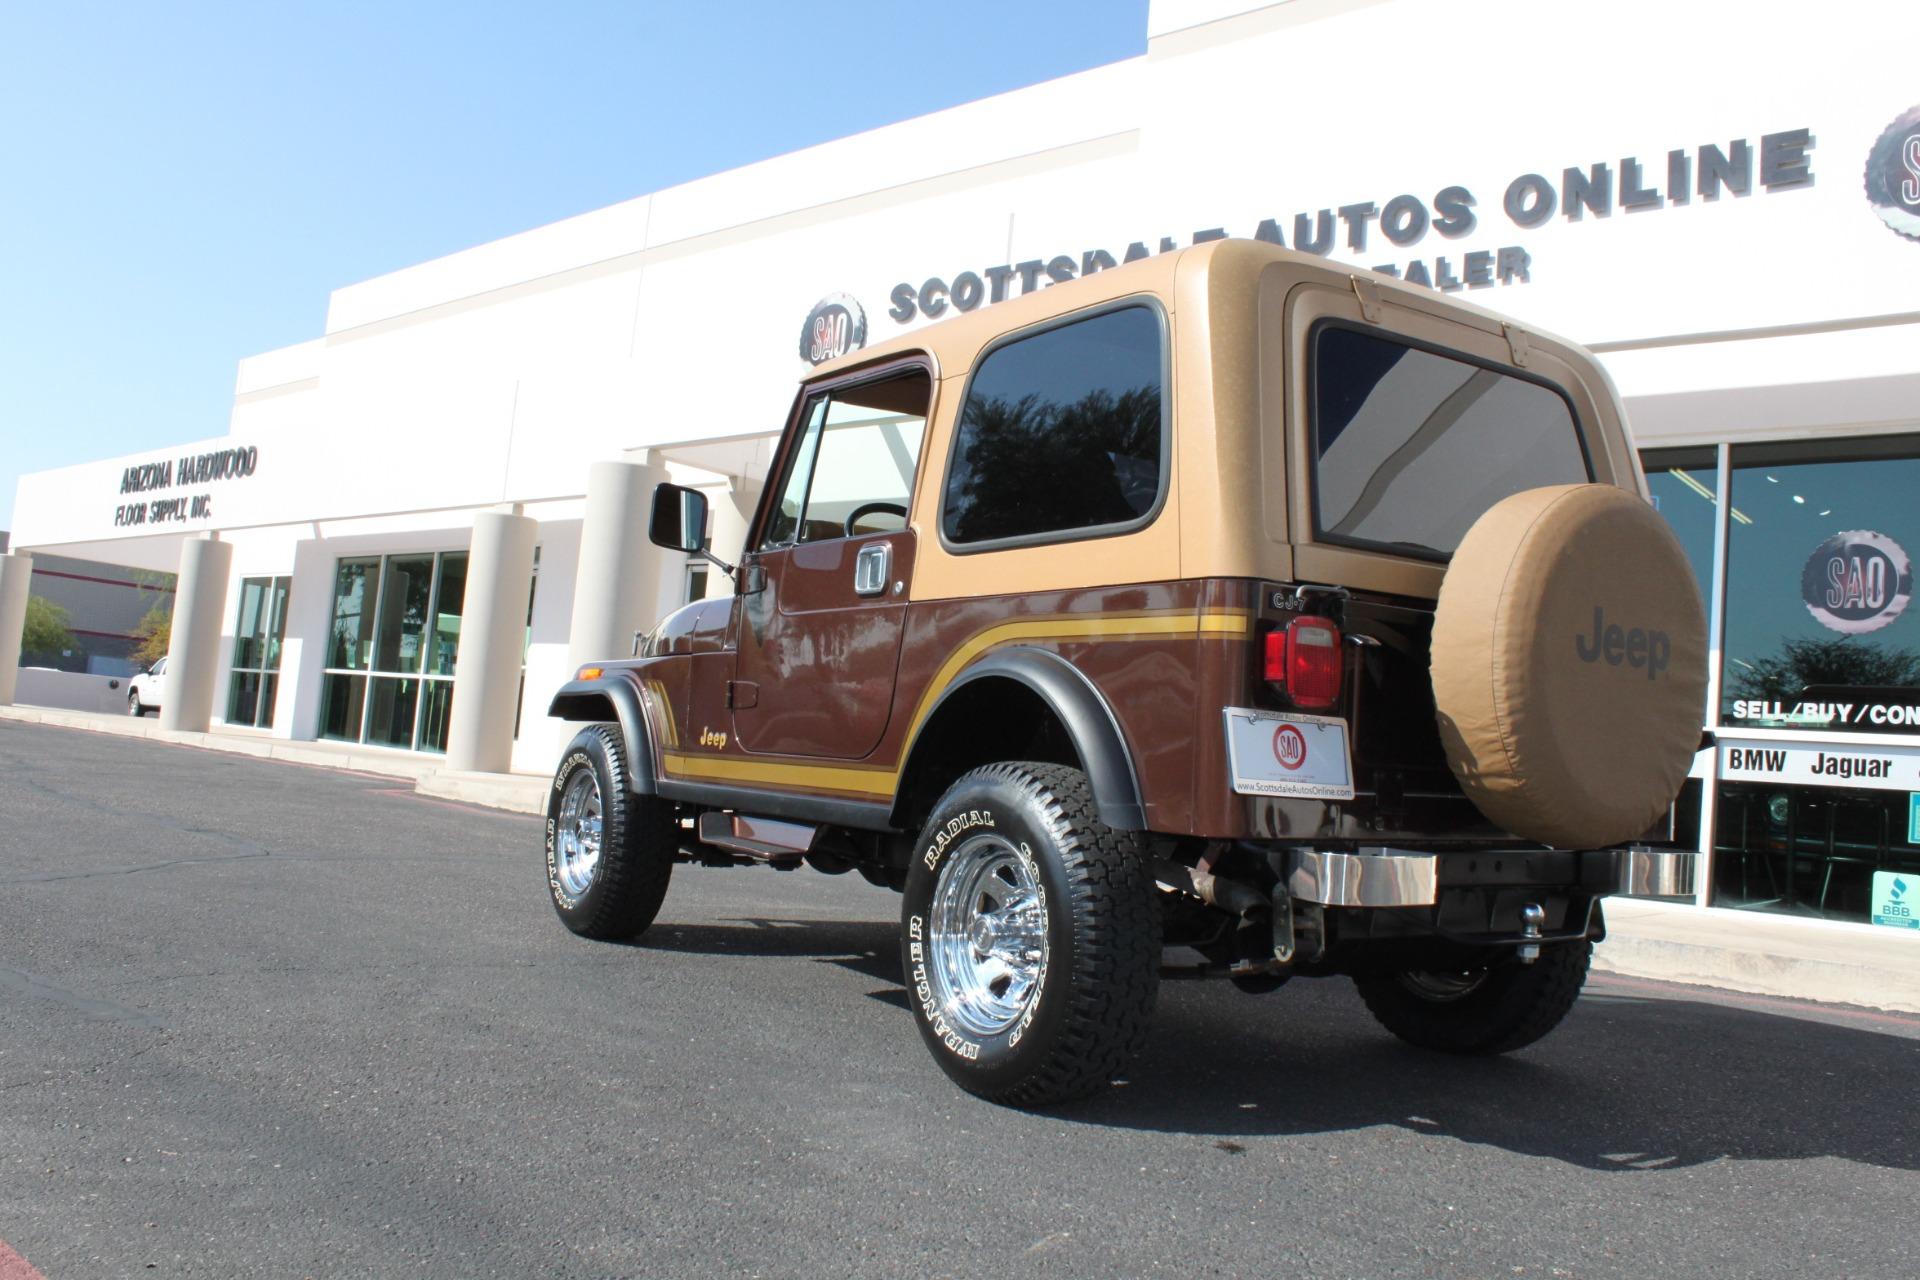 Used-1985-Jeep-CJ-7-Laredo-4WD-LS400